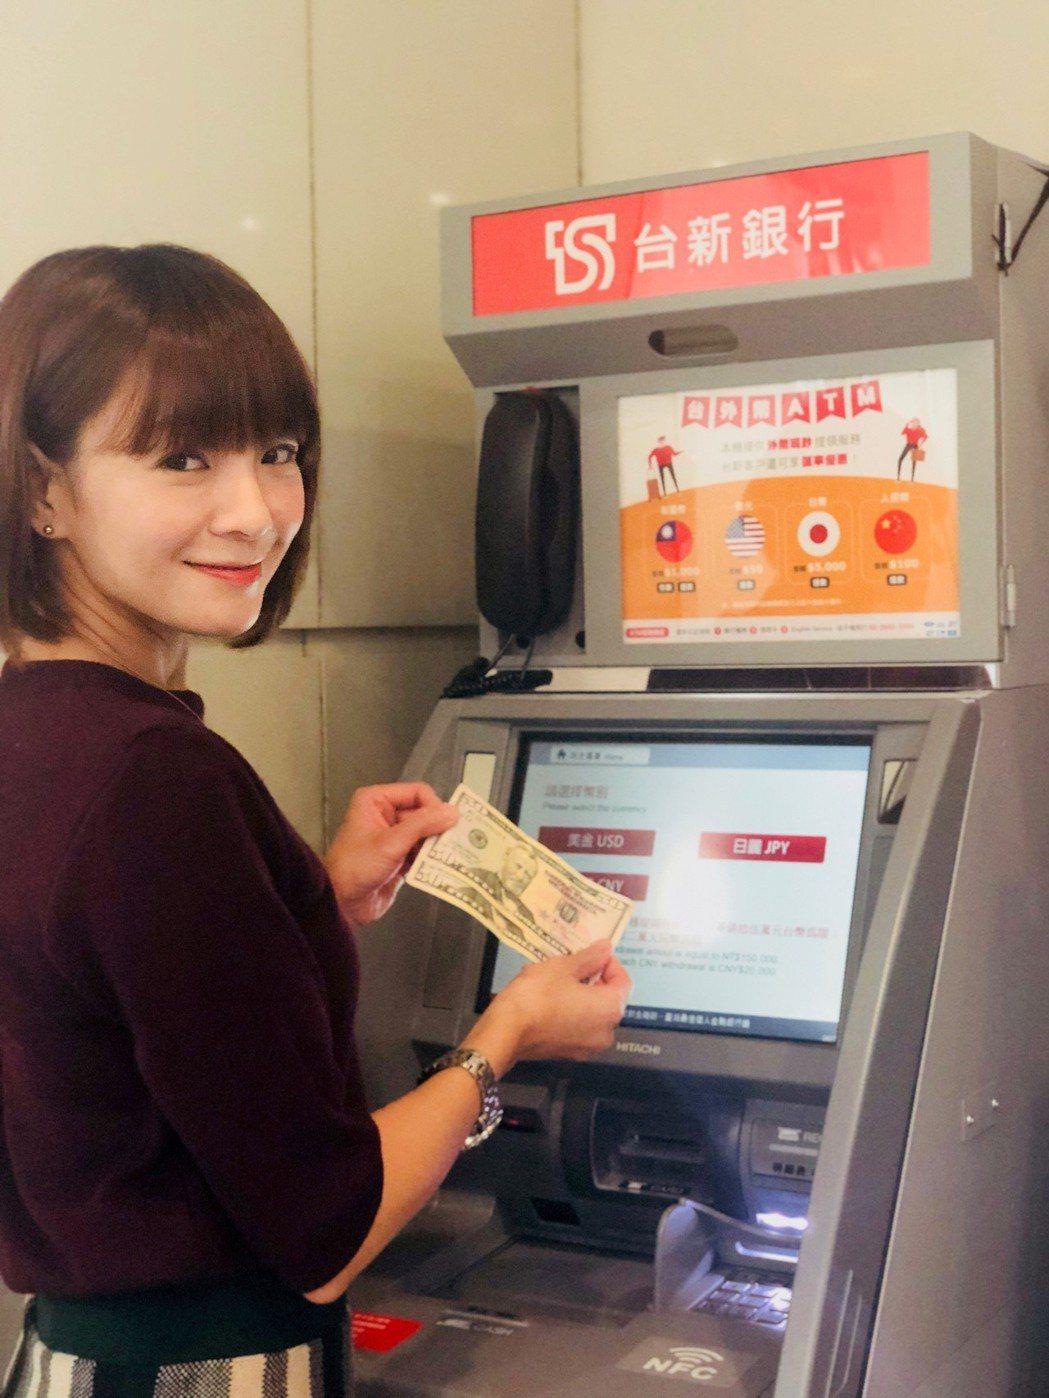 台新銀行Richart APP今年9月推出子帳戶功能,民眾可快速依據生活費、儲蓄...